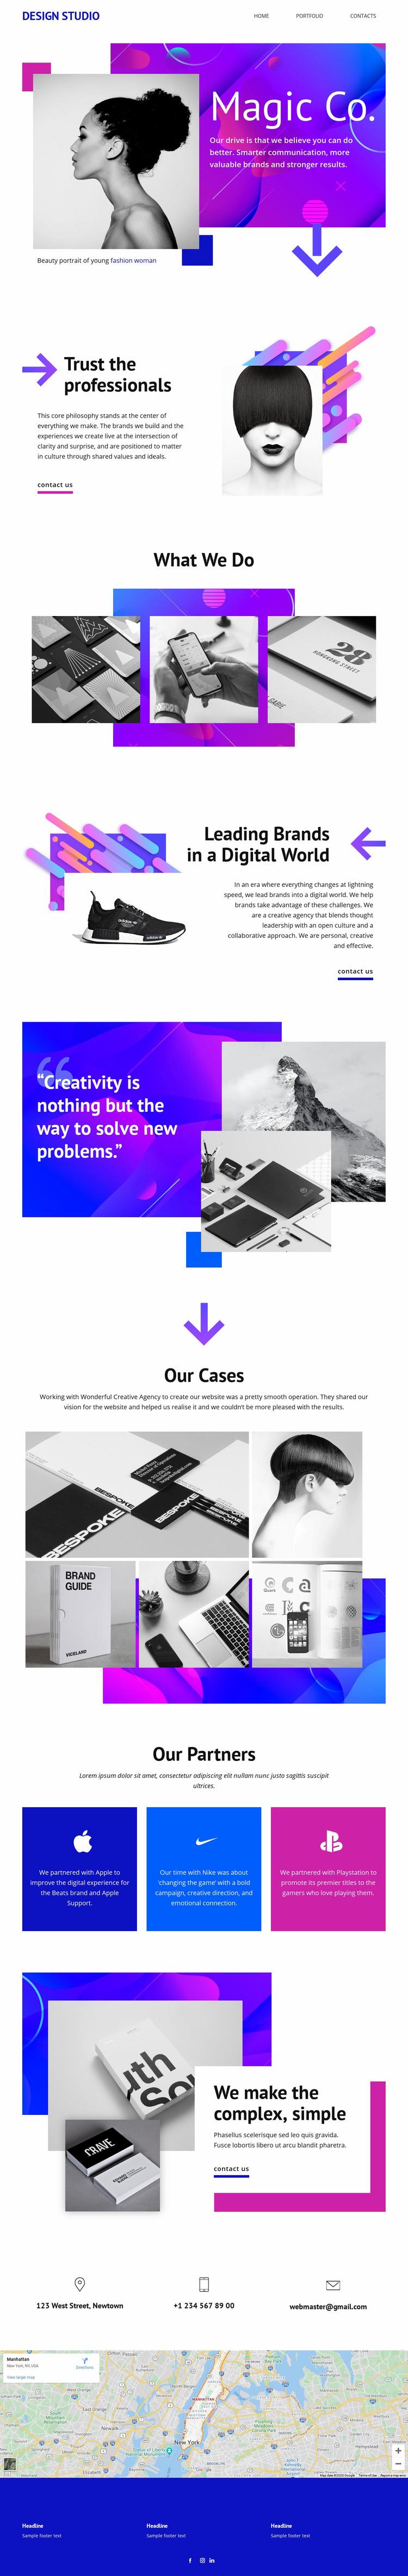 Magic Creative Studio Web Page Design